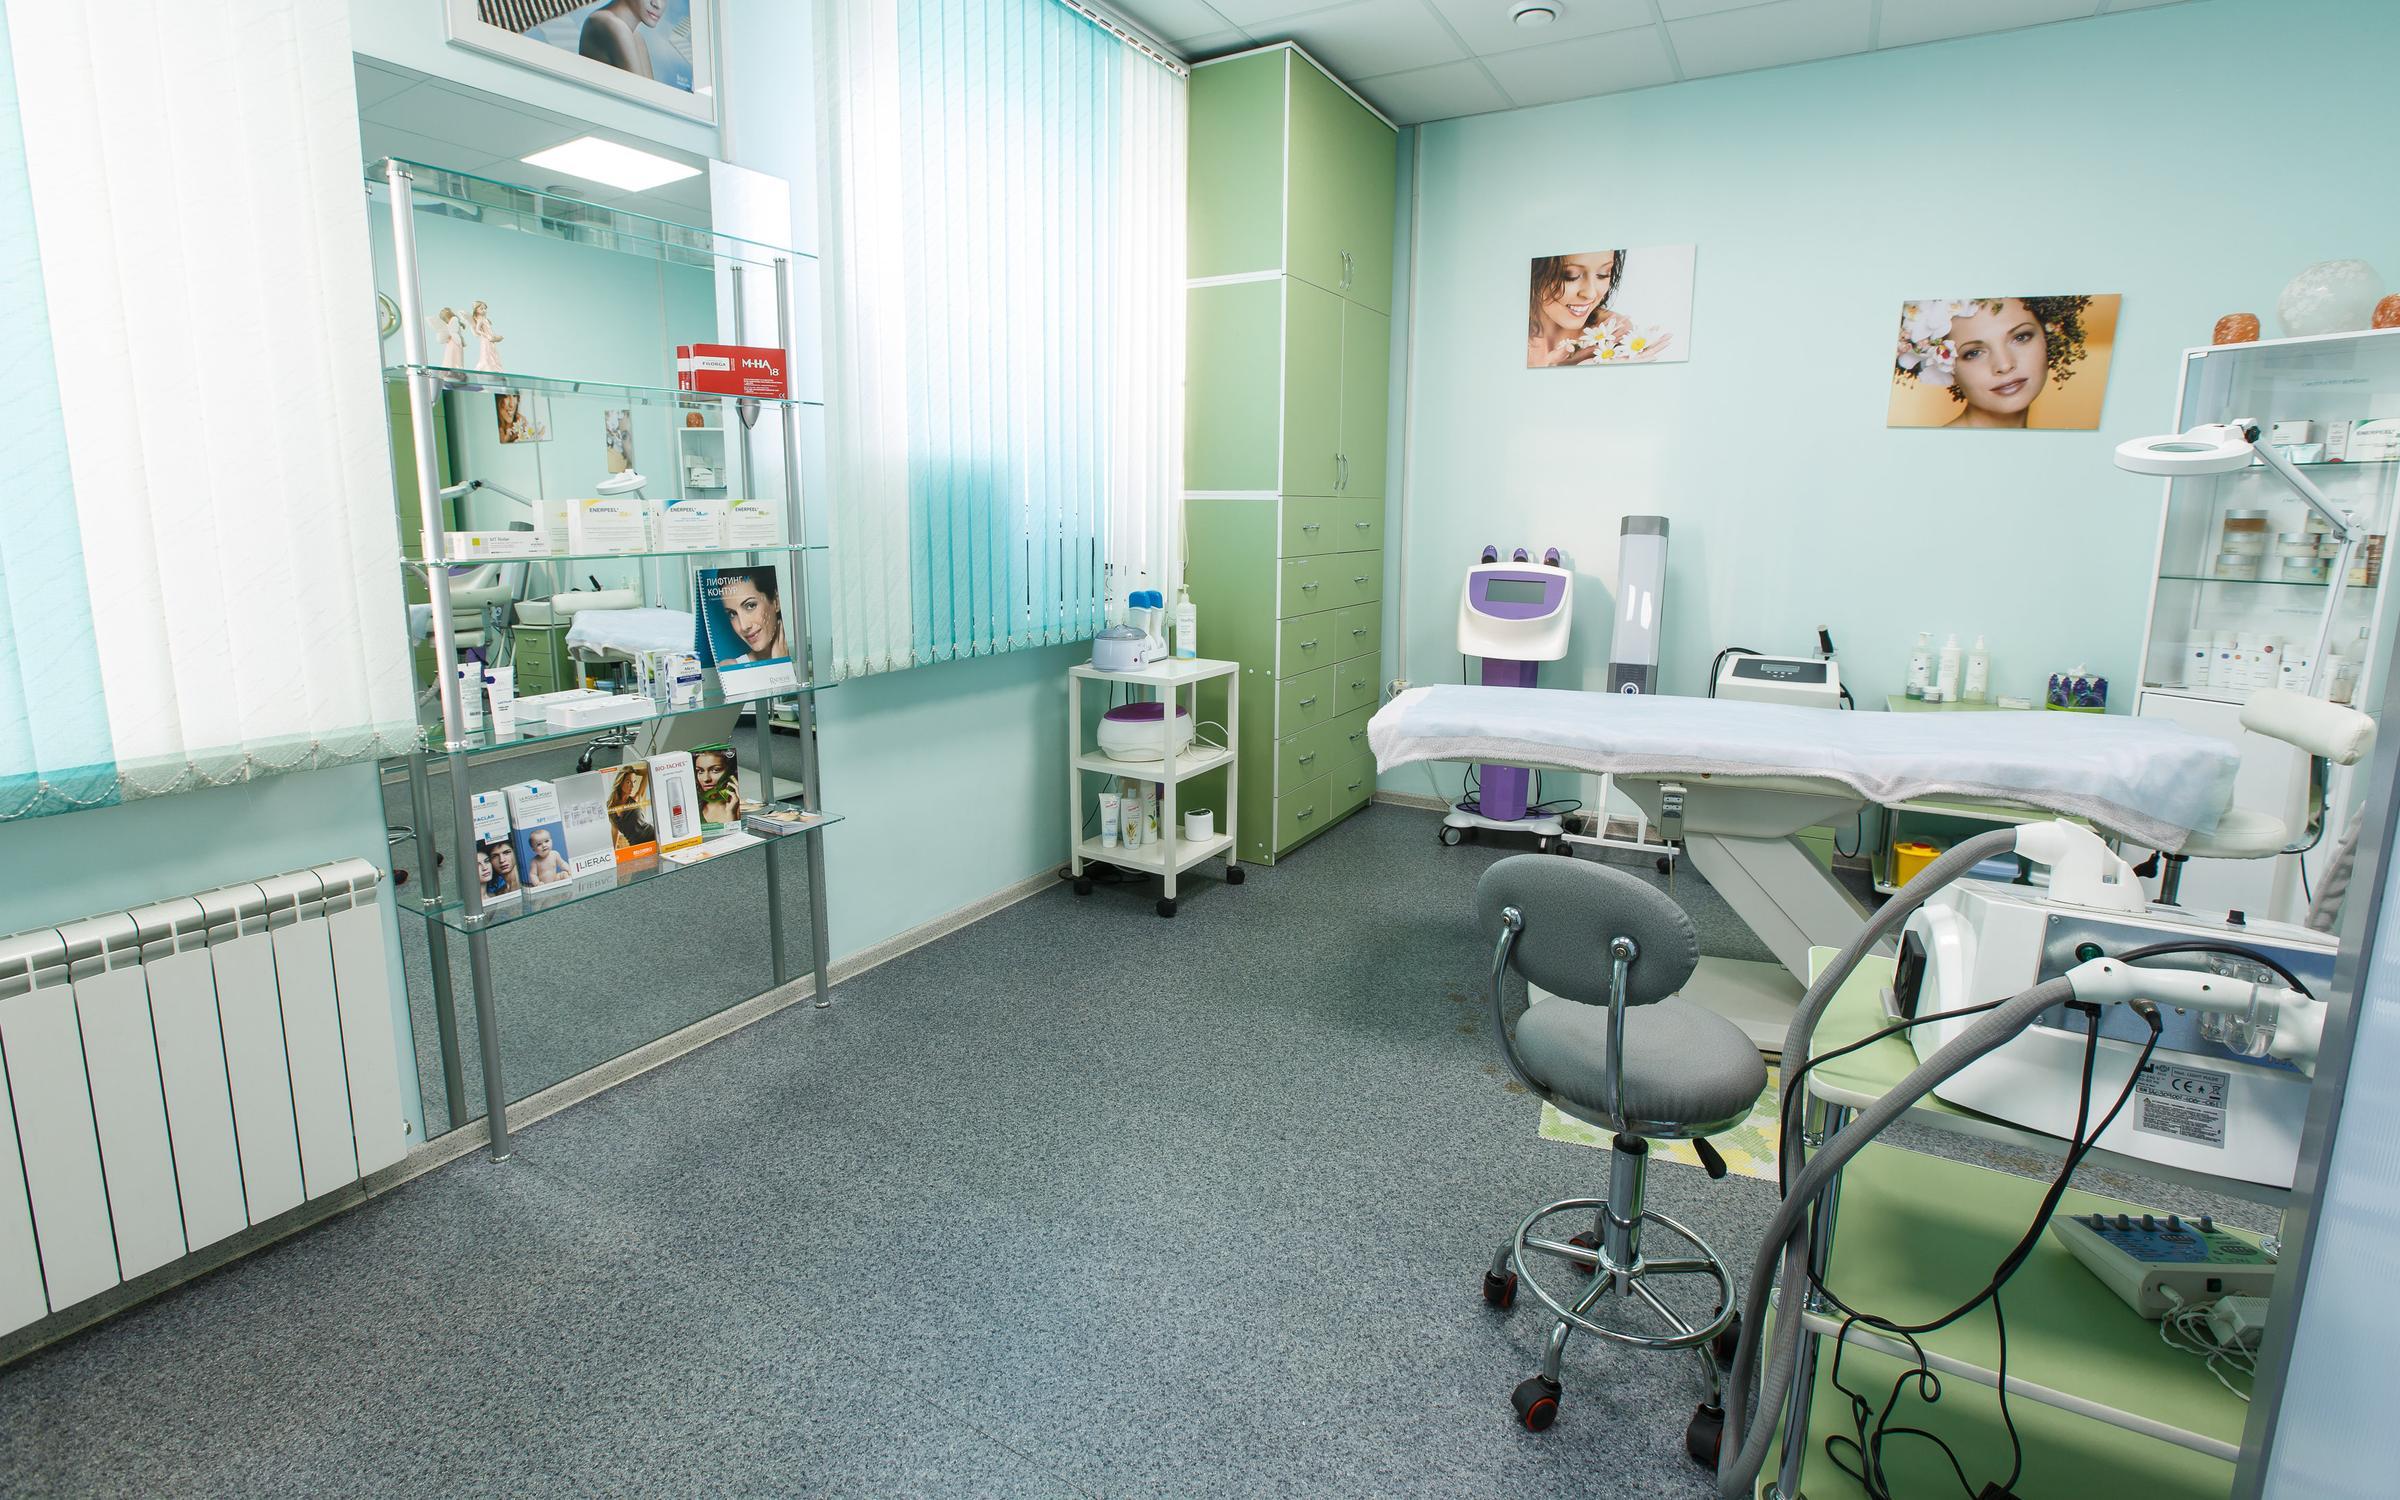 Запись к врачу липецк новолипецкая поликлиника